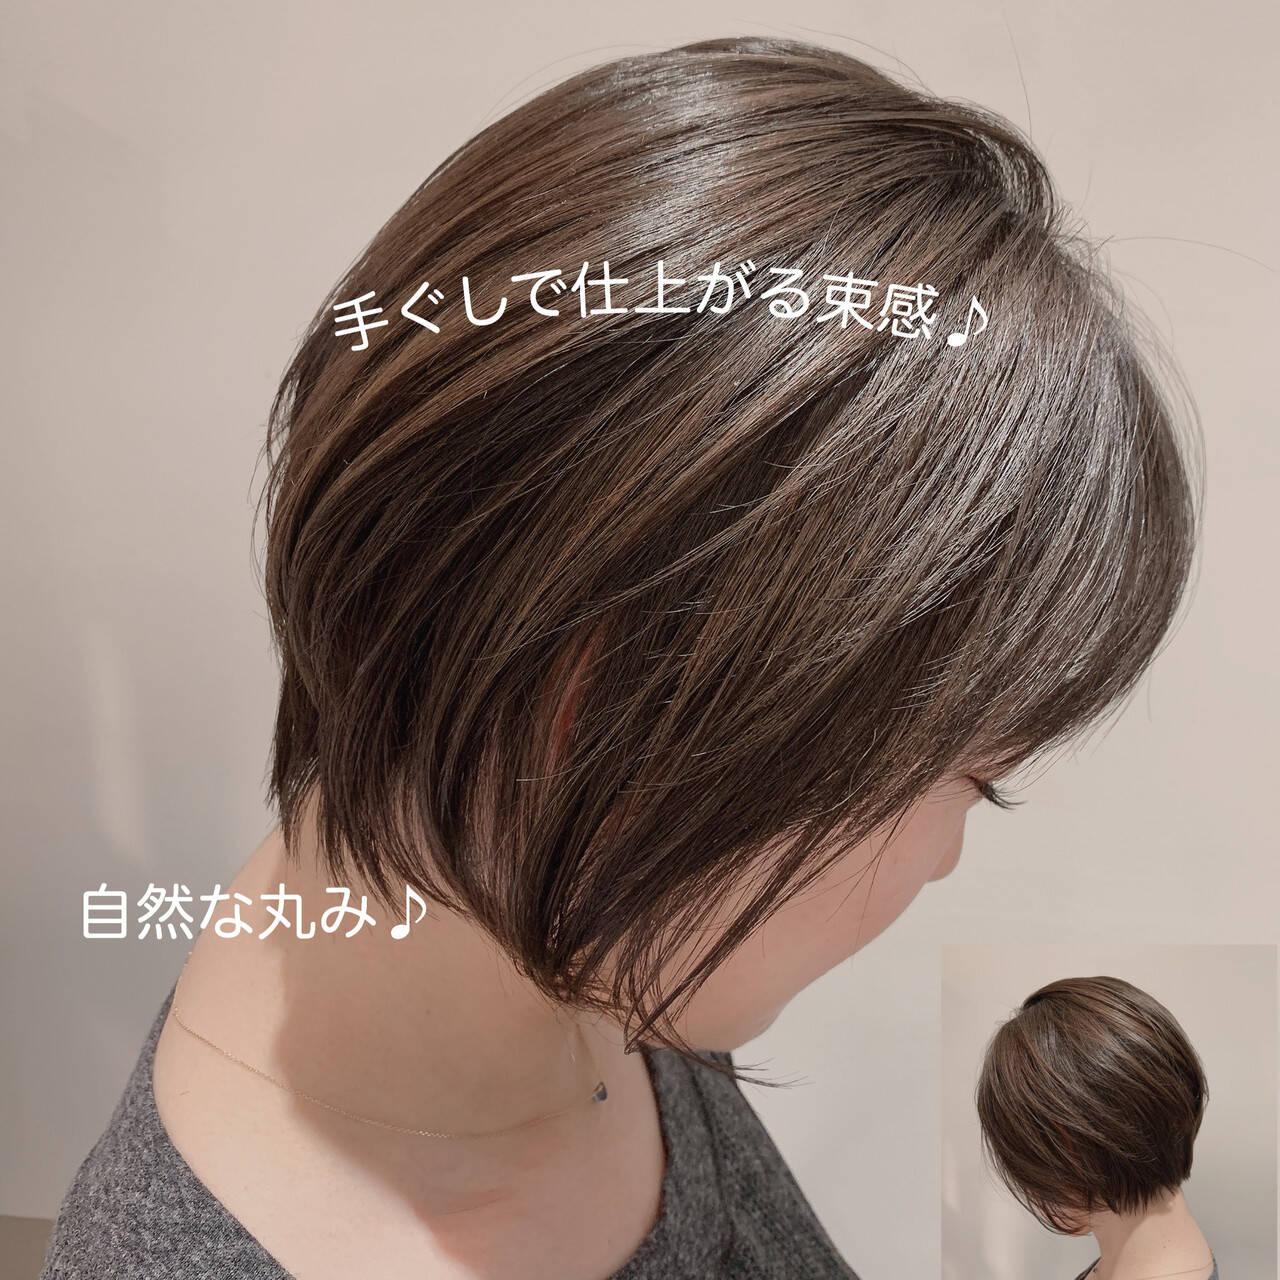 ふんわりショート 束感 ショートボブ ナチュラルヘアスタイルや髪型の写真・画像